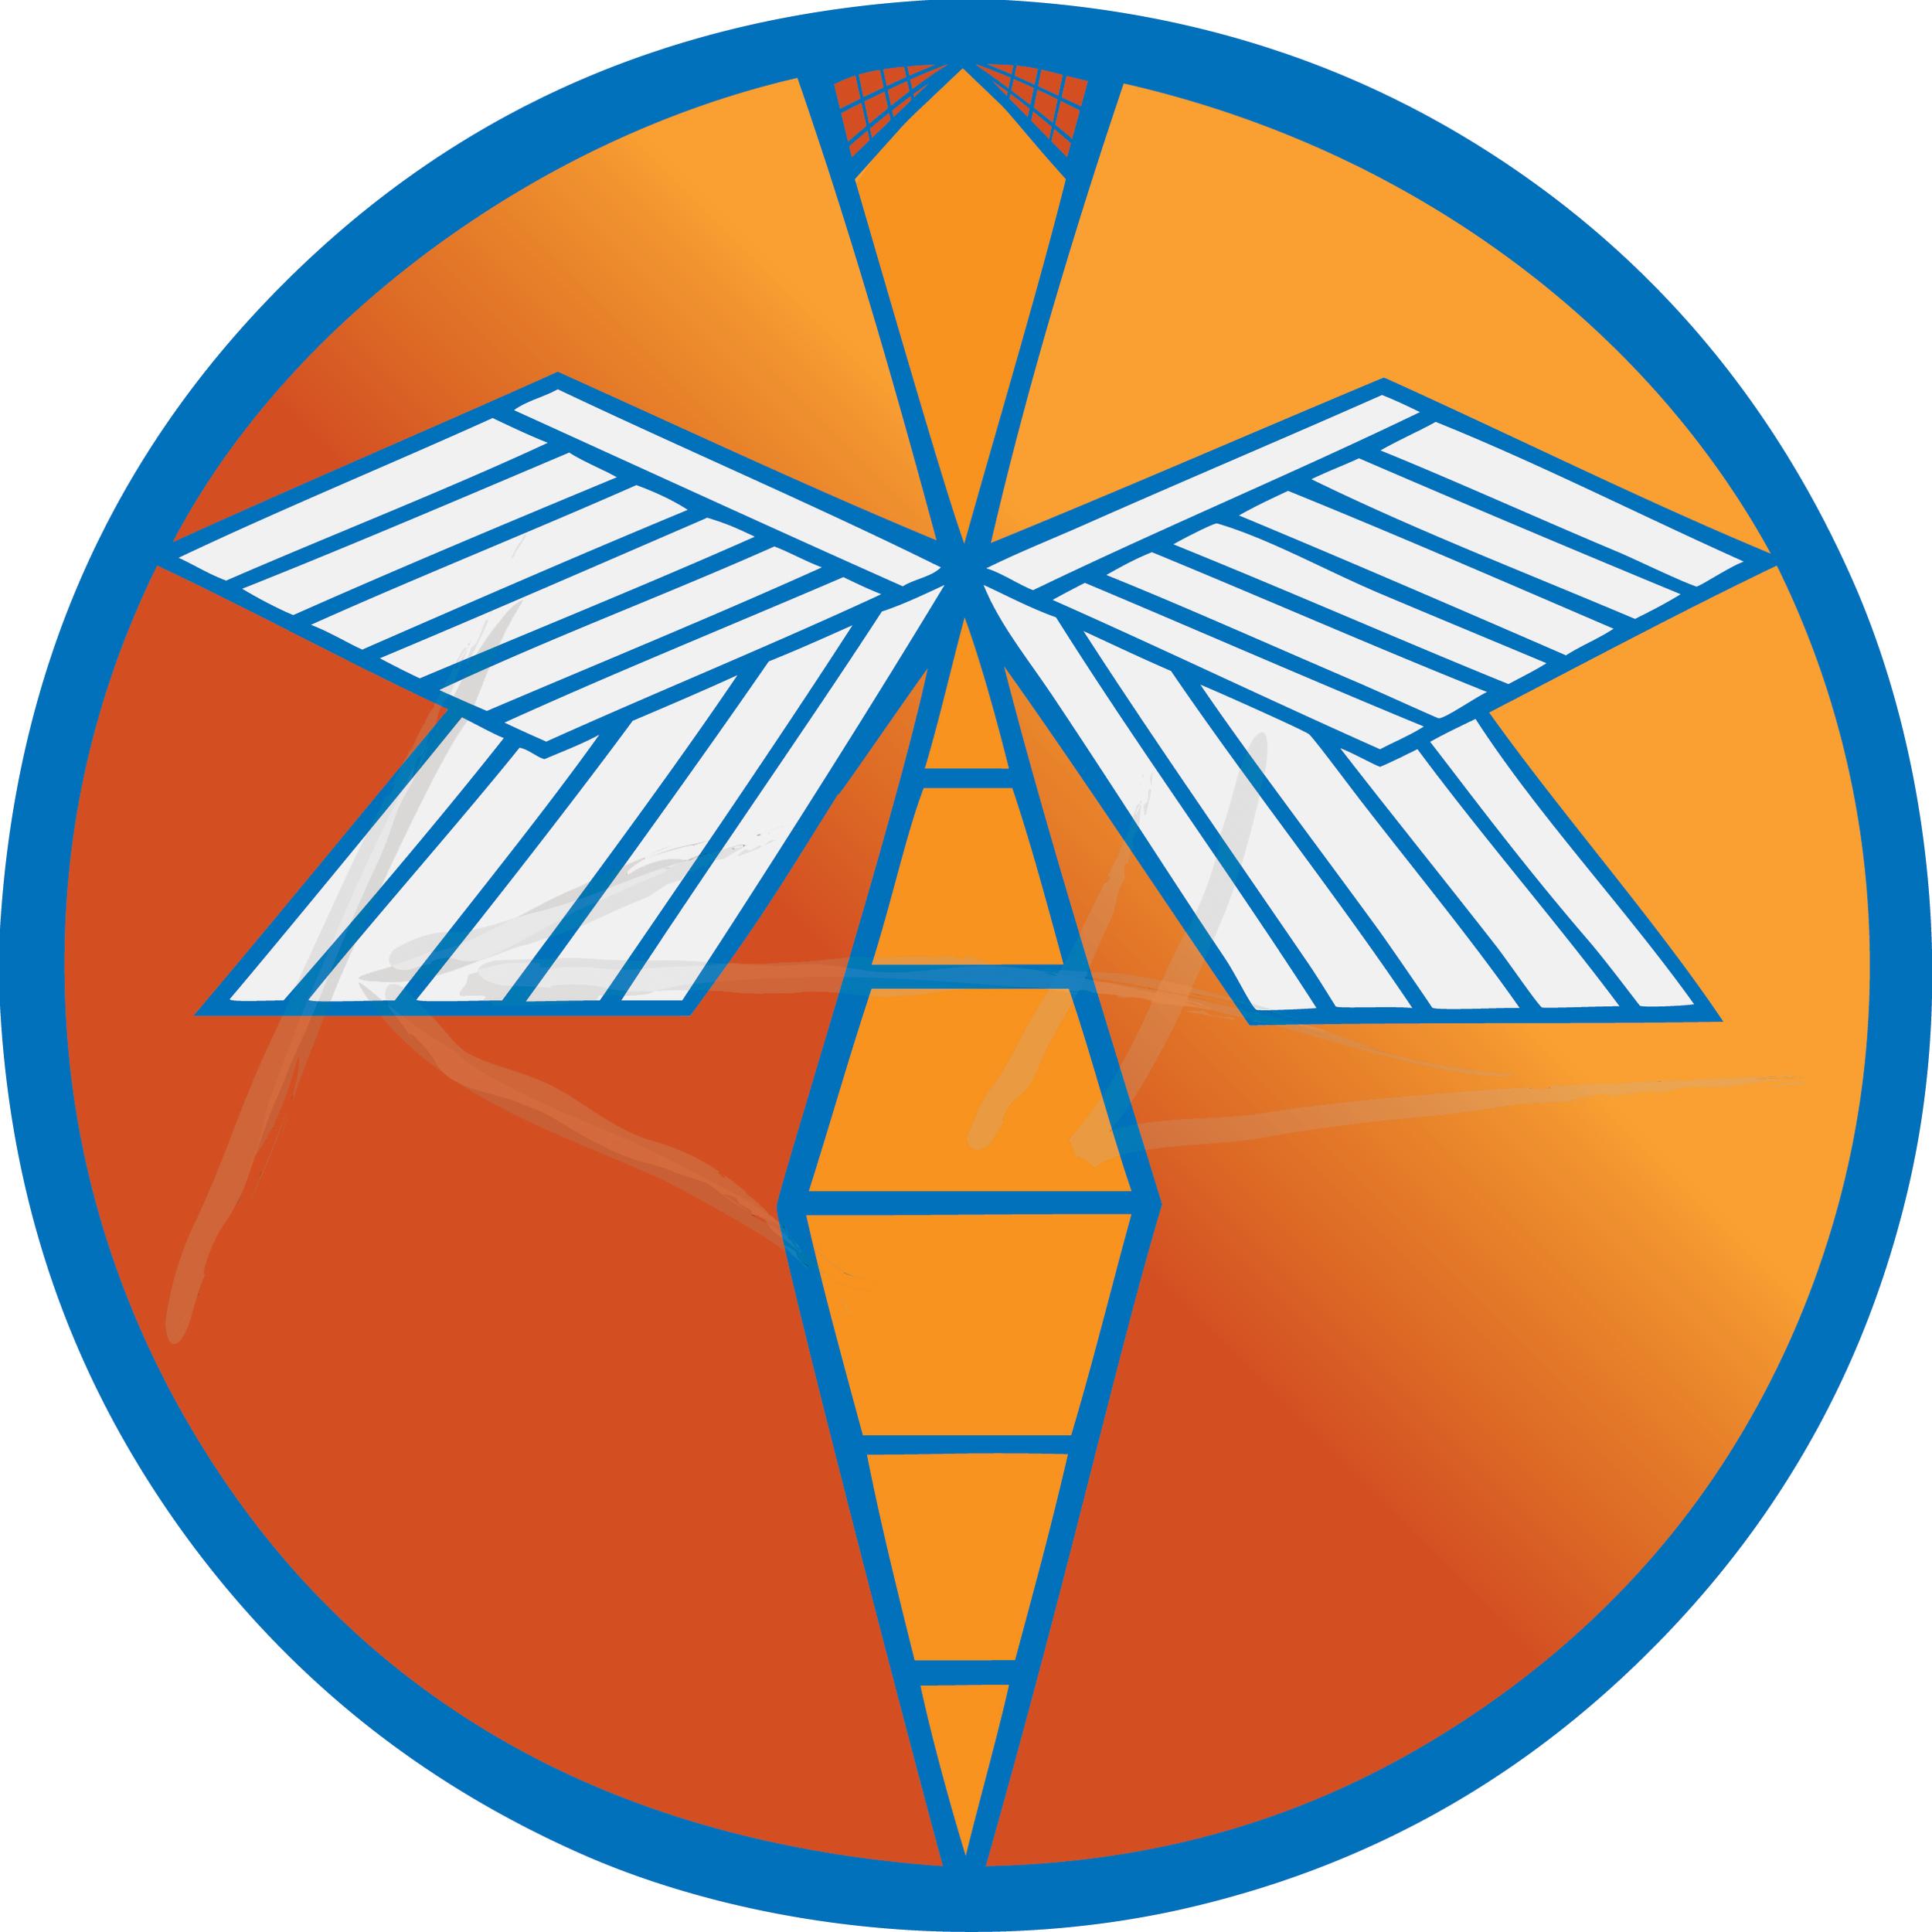 Dragonfly (Emblem)